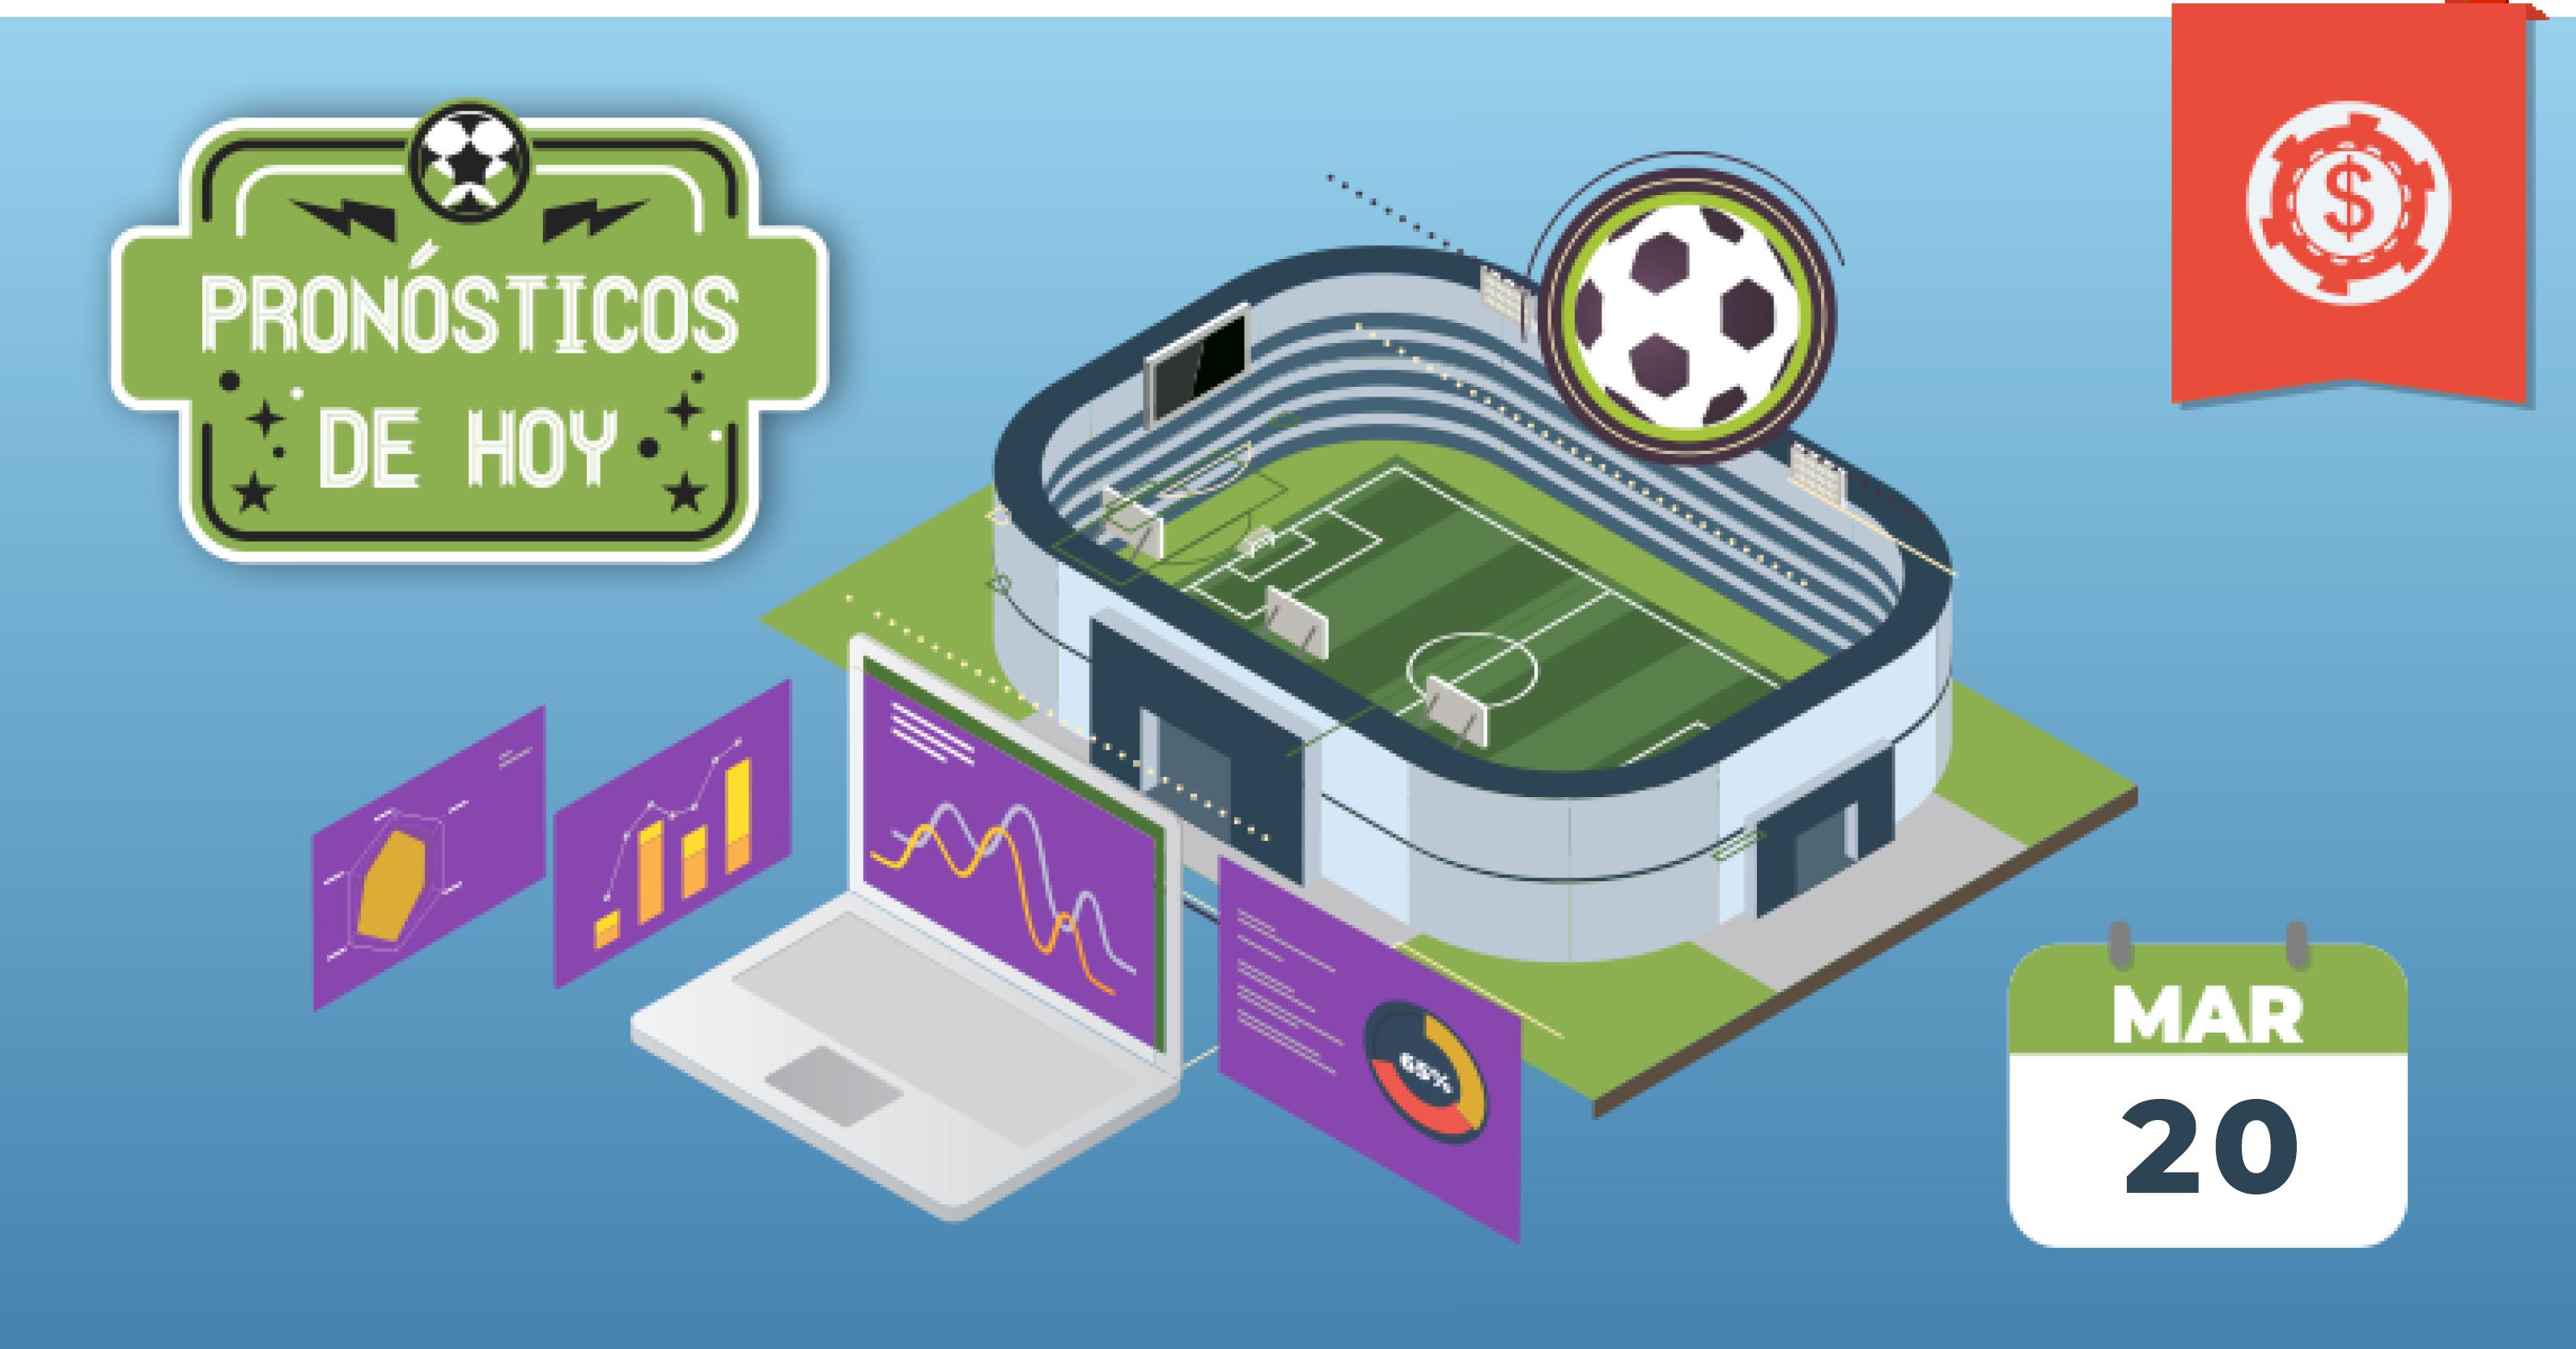 pronosticos-futbol-hoy-predicciones-20-marzo-2019